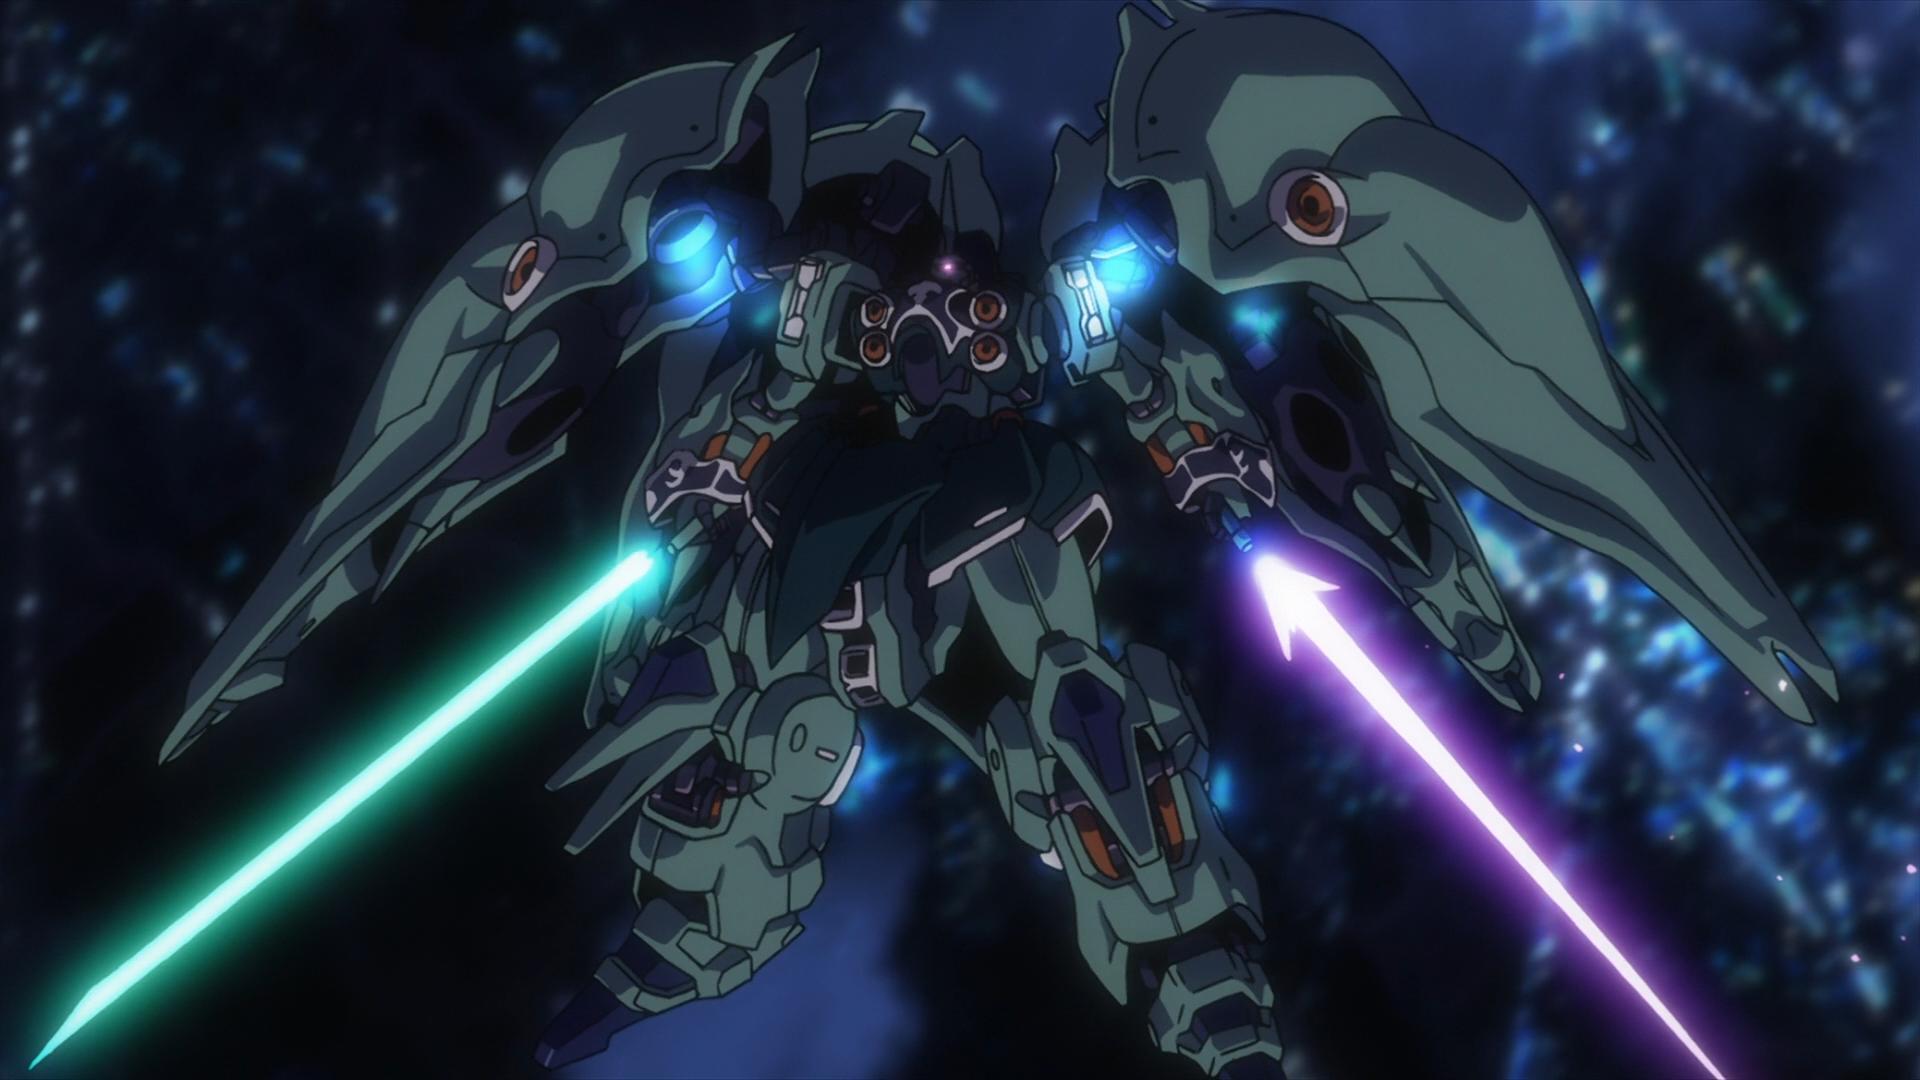 Robotech wallpaper hd wallpapersafari - Gundam wallpaper hd ...